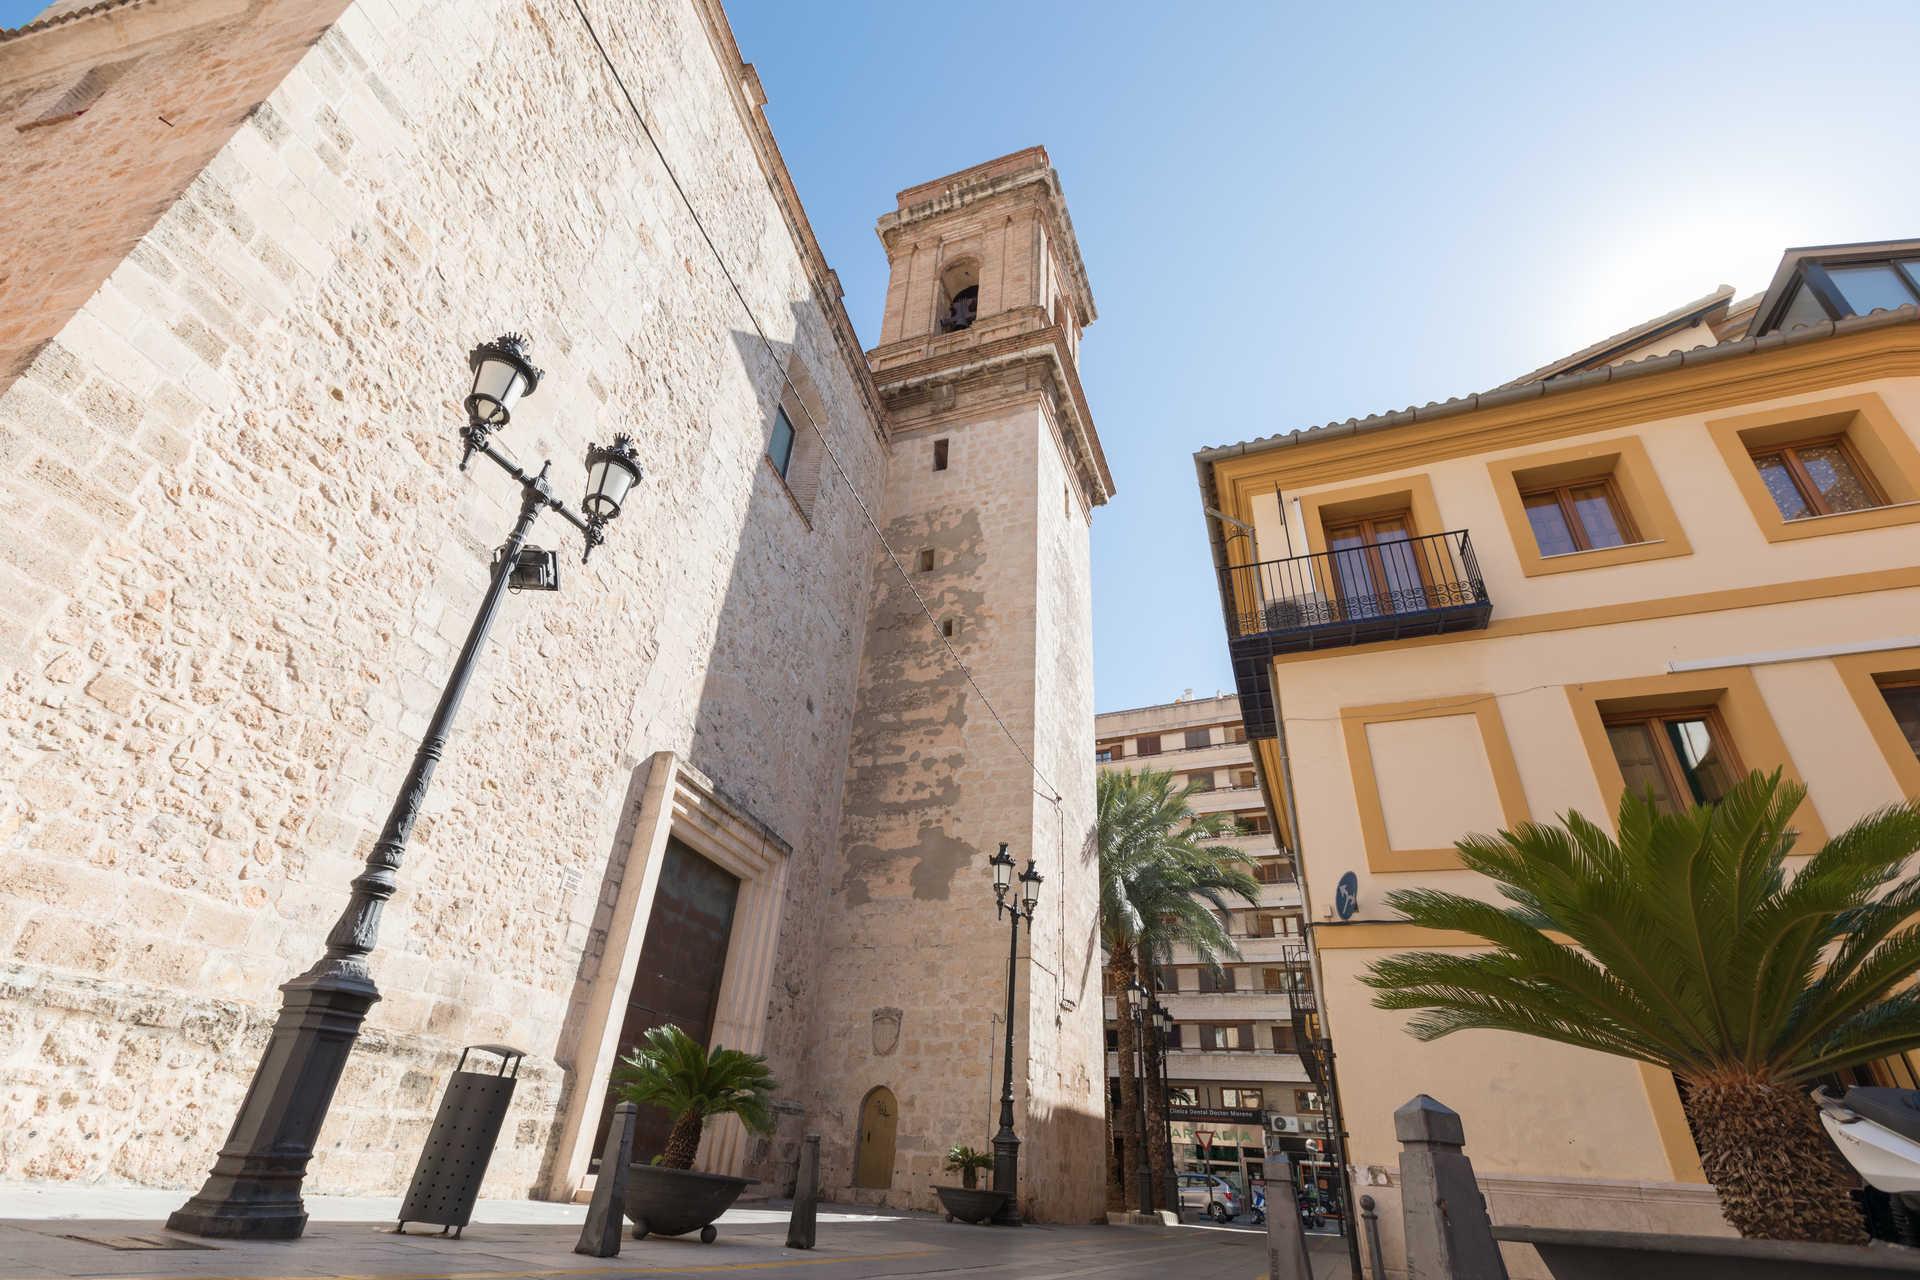 Església Parroquial dels Sants Joans